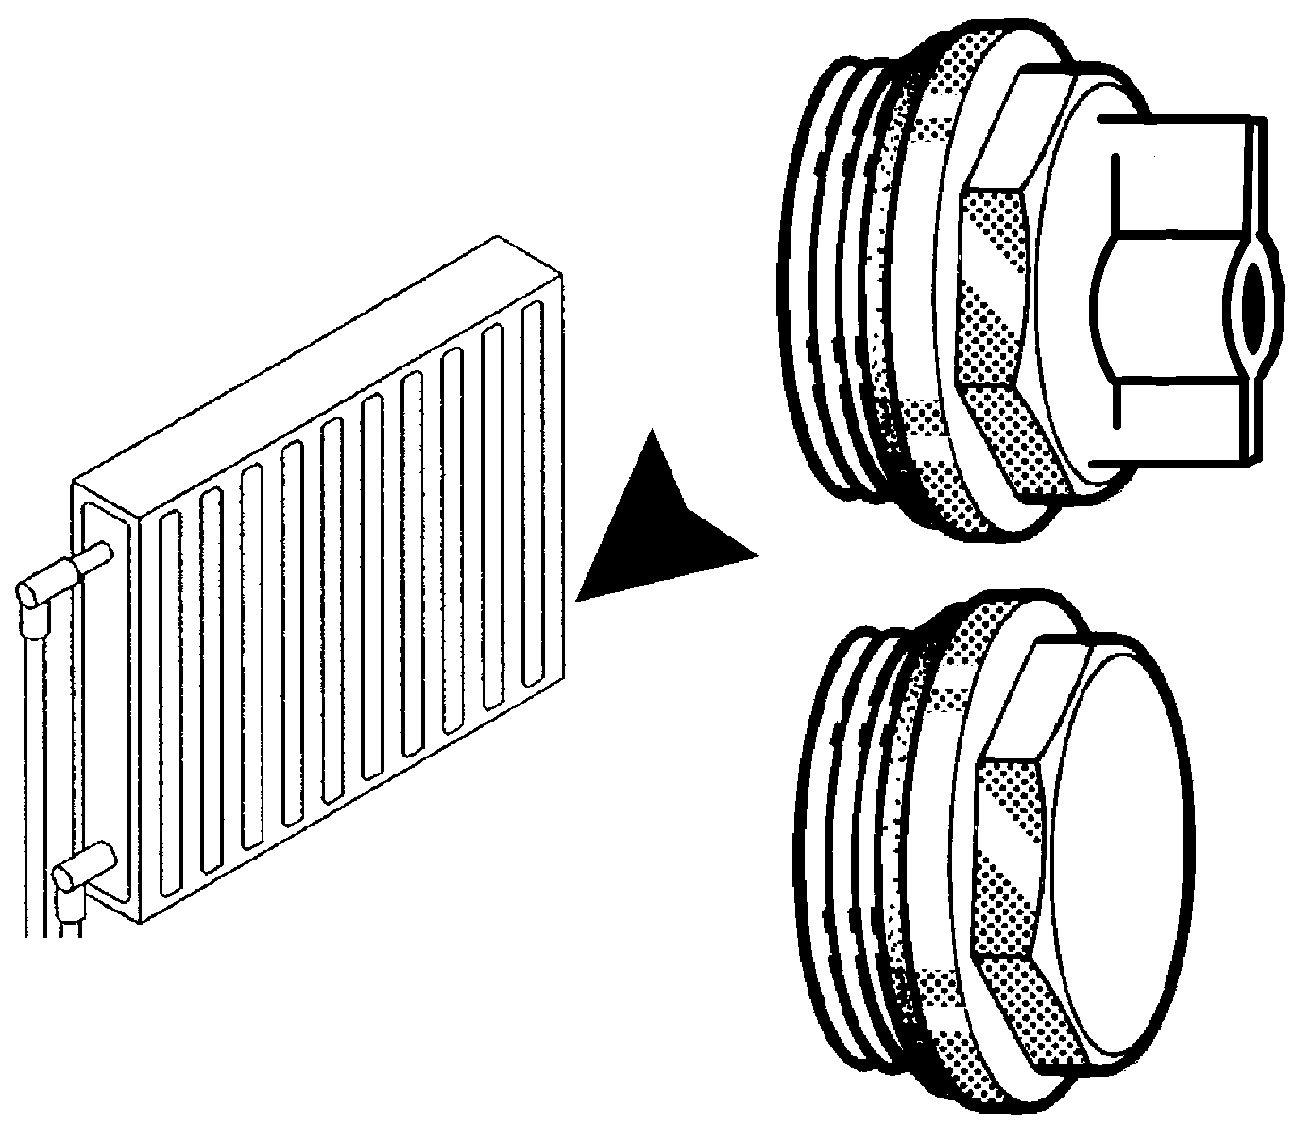 Entl/üftungsschl/üssel mit Wasserauffangbeh/älter Heizungs-Entl/üfter Heizungsschl/üssel Entl/üftungsbox f/ür Heizk/örper